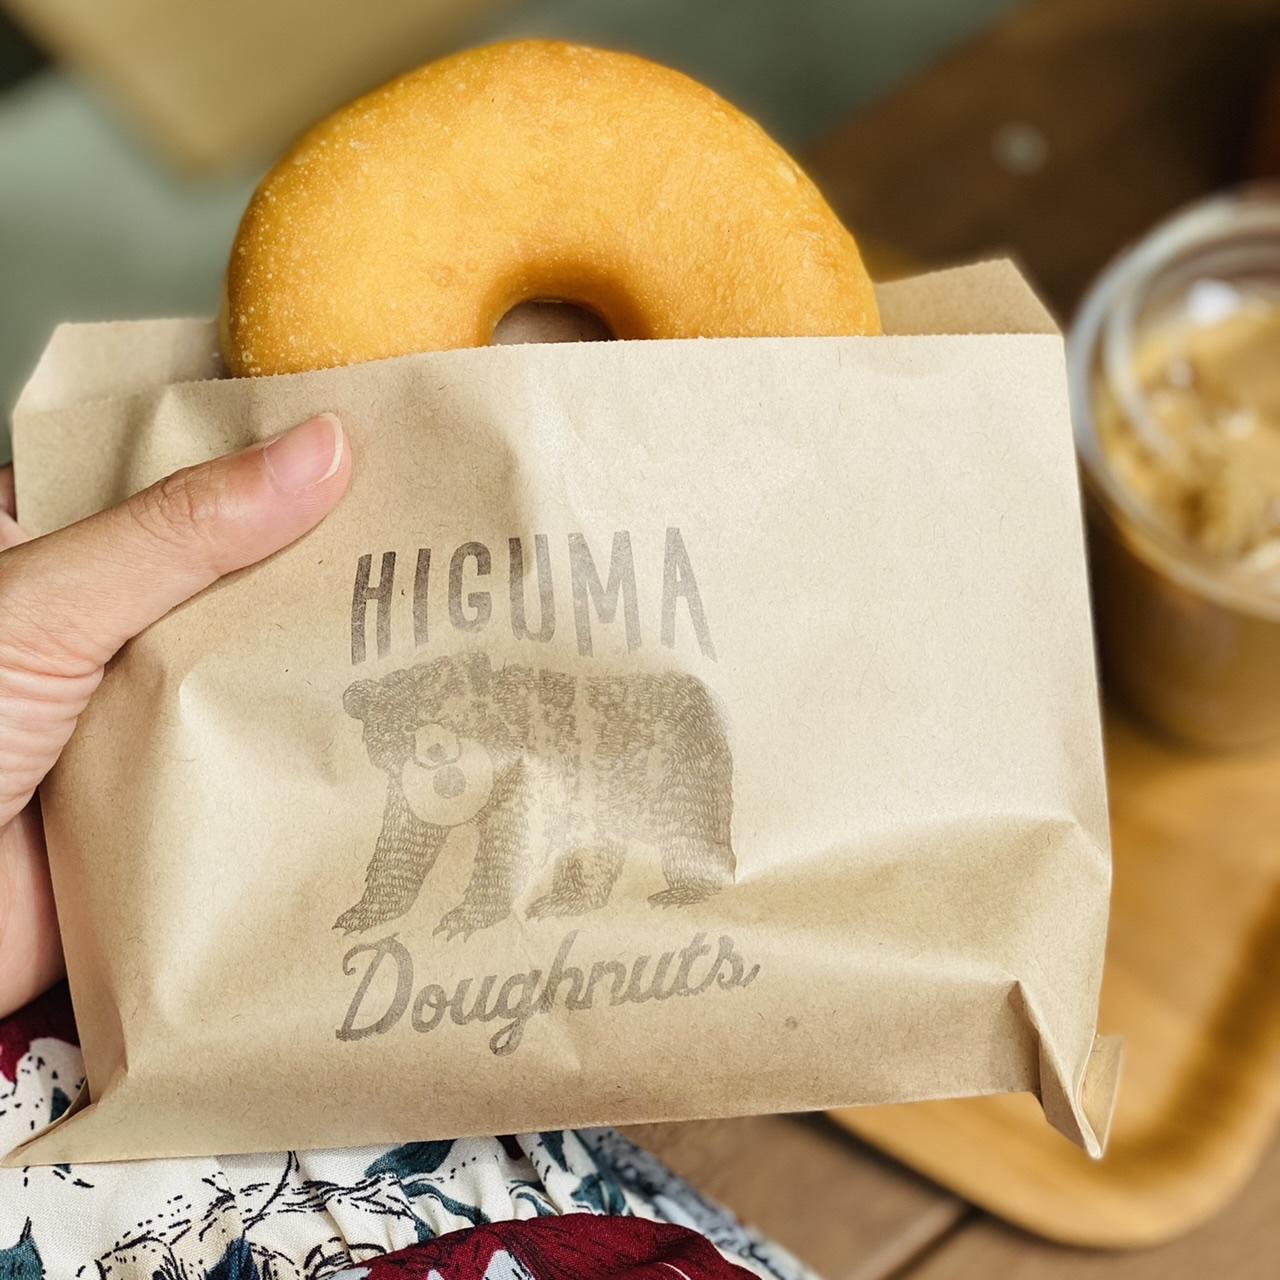 【表参道カフェ】ドーナツのふわふわ感がすごい!木の空間がお洒落《ヒグマドーナツ》へ♡_4